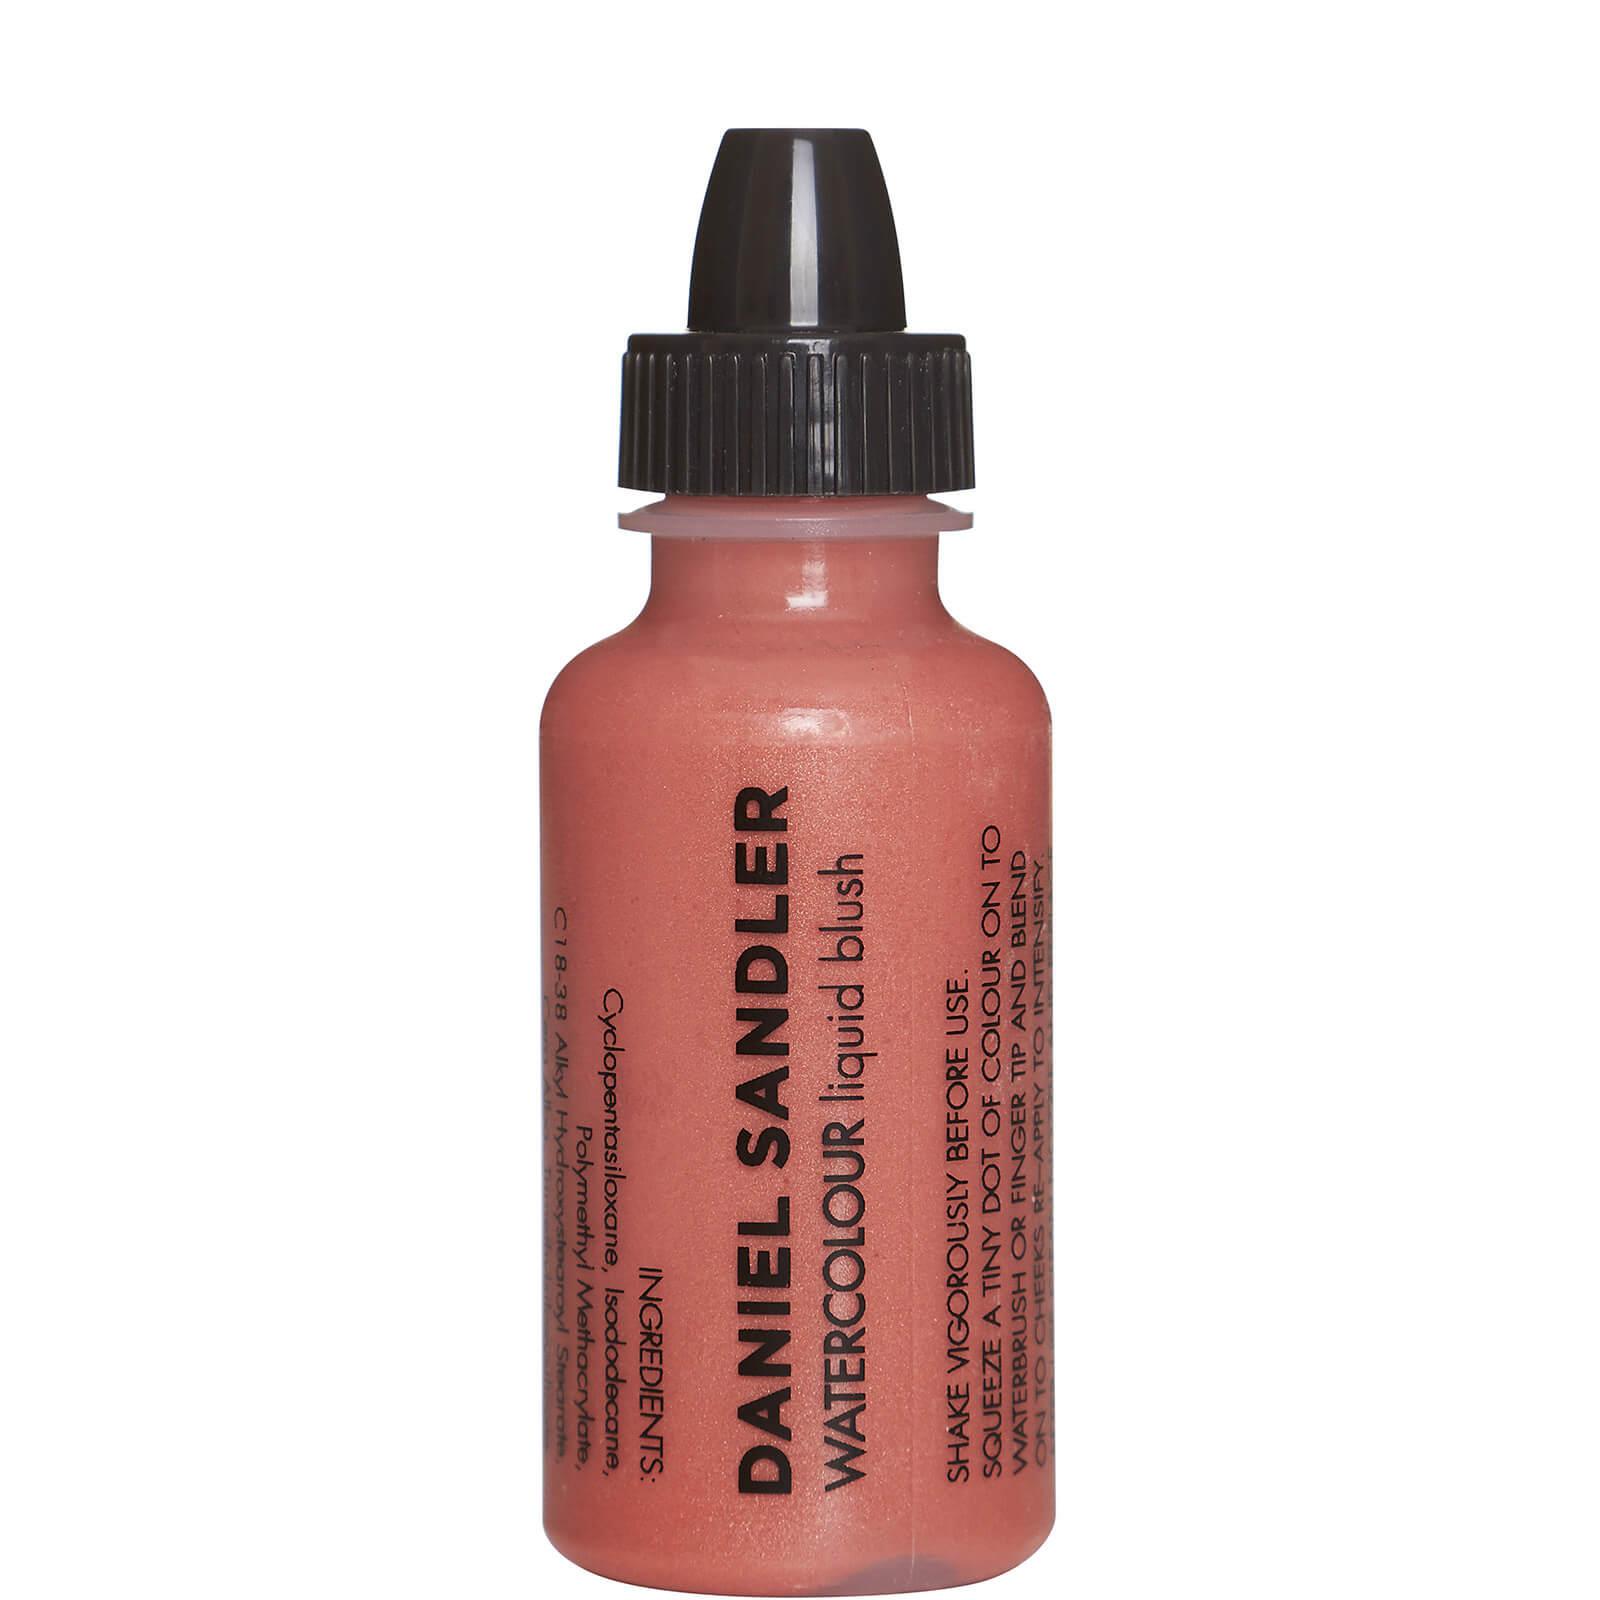 Купить Жидкие румяна Daniel Sandler Watercolour Fluid Blusher 15 мл (различные оттенки) - Spicey